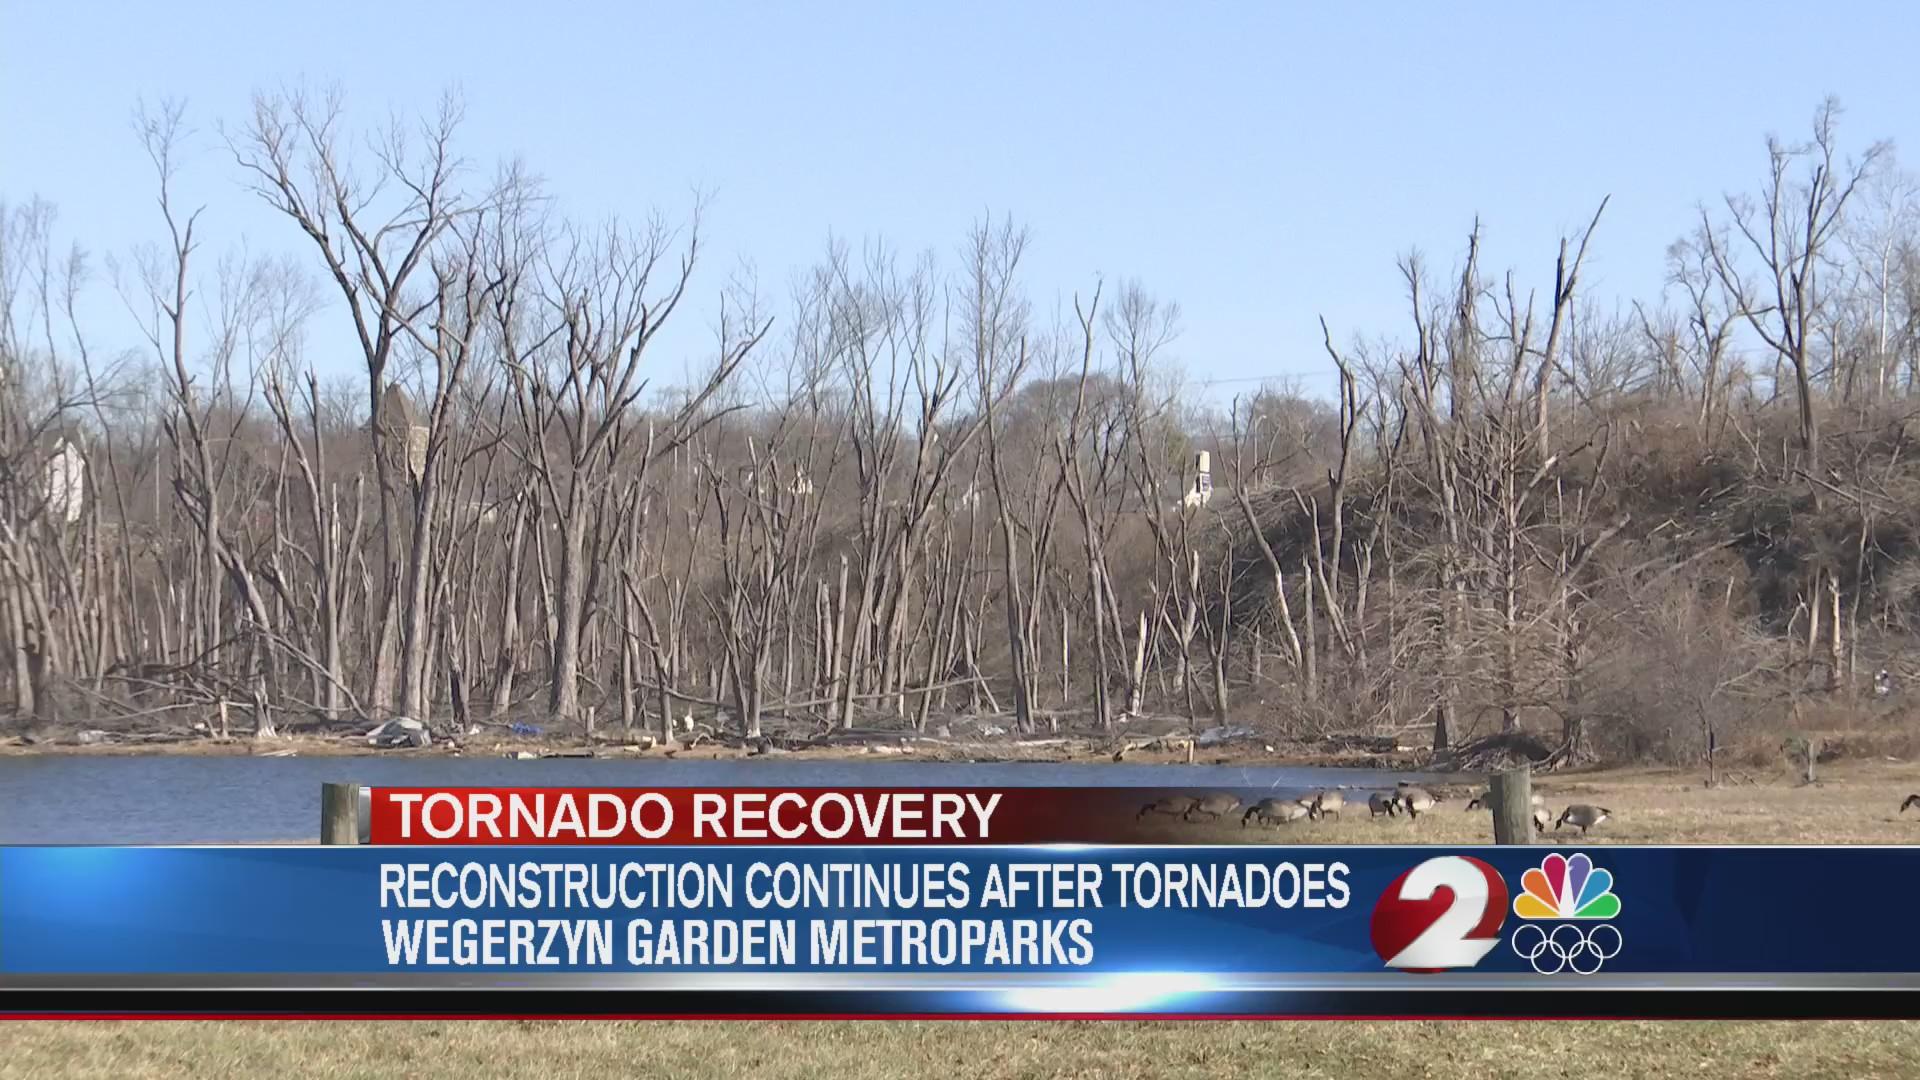 Reconstruction continues at Wegerzyn Gardens after tornadoes